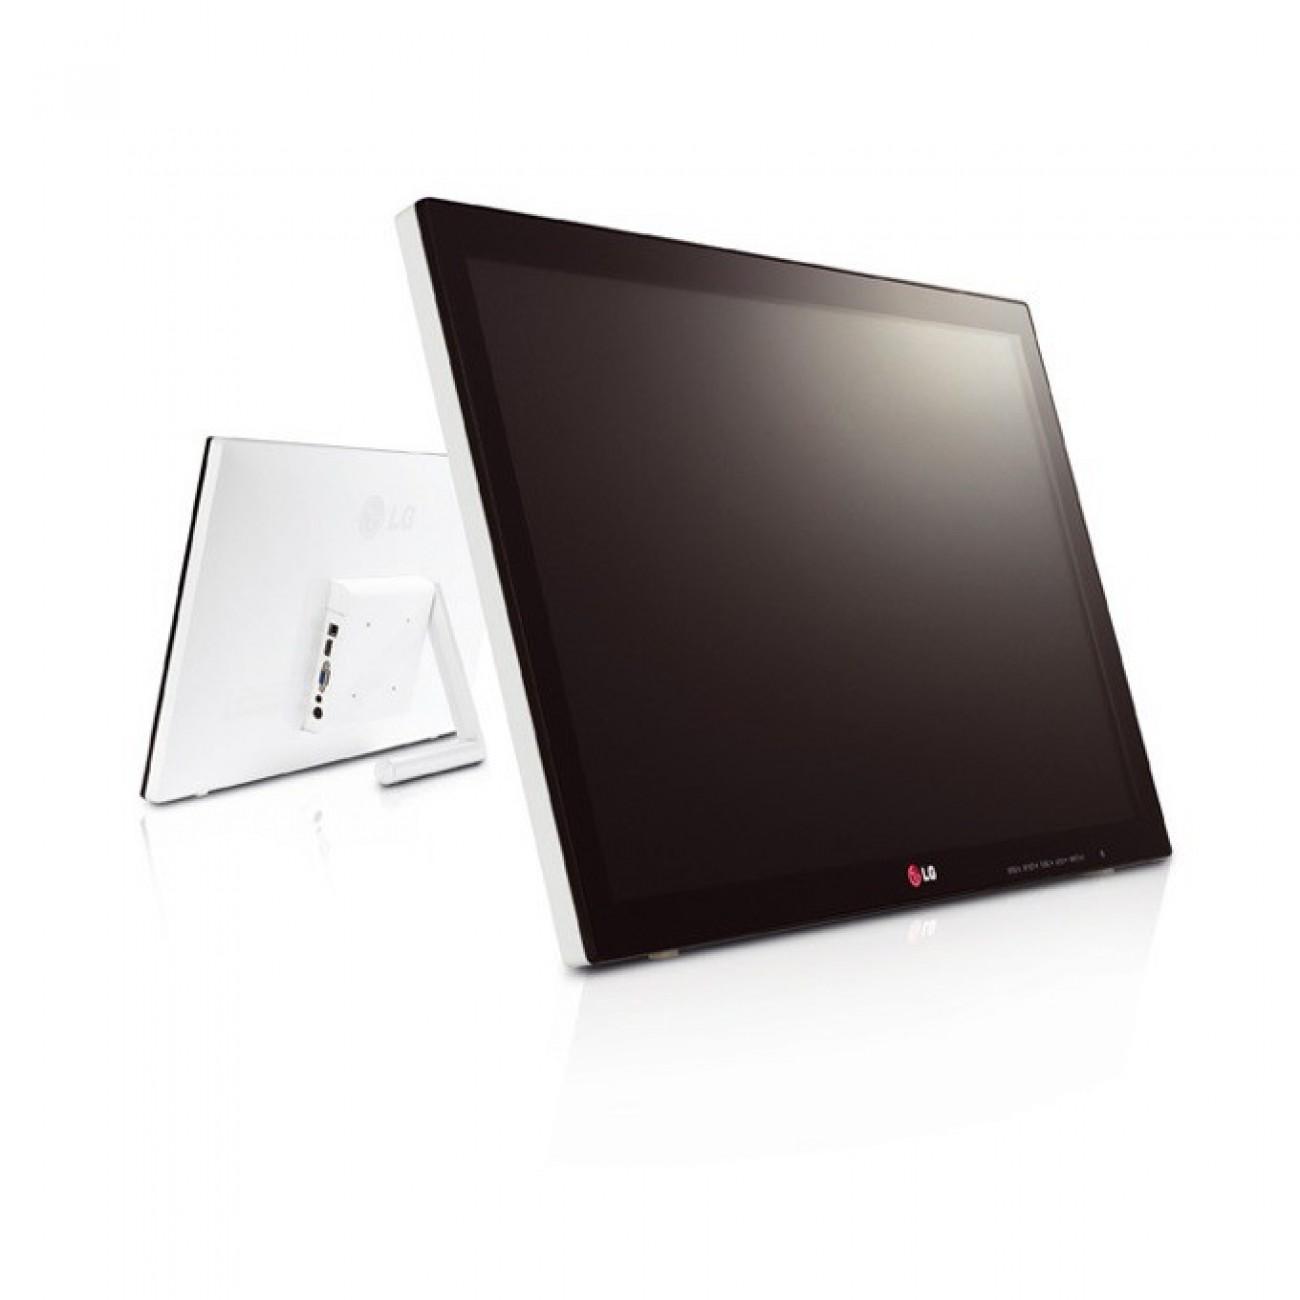 Монитор 23 (58.42 cm) LG 23ET63V-W, AH-IPS, Touch, 5ms, 250cd/m2, 5 000 000:1, HDMI, Бял в Монитори -  | Alleop